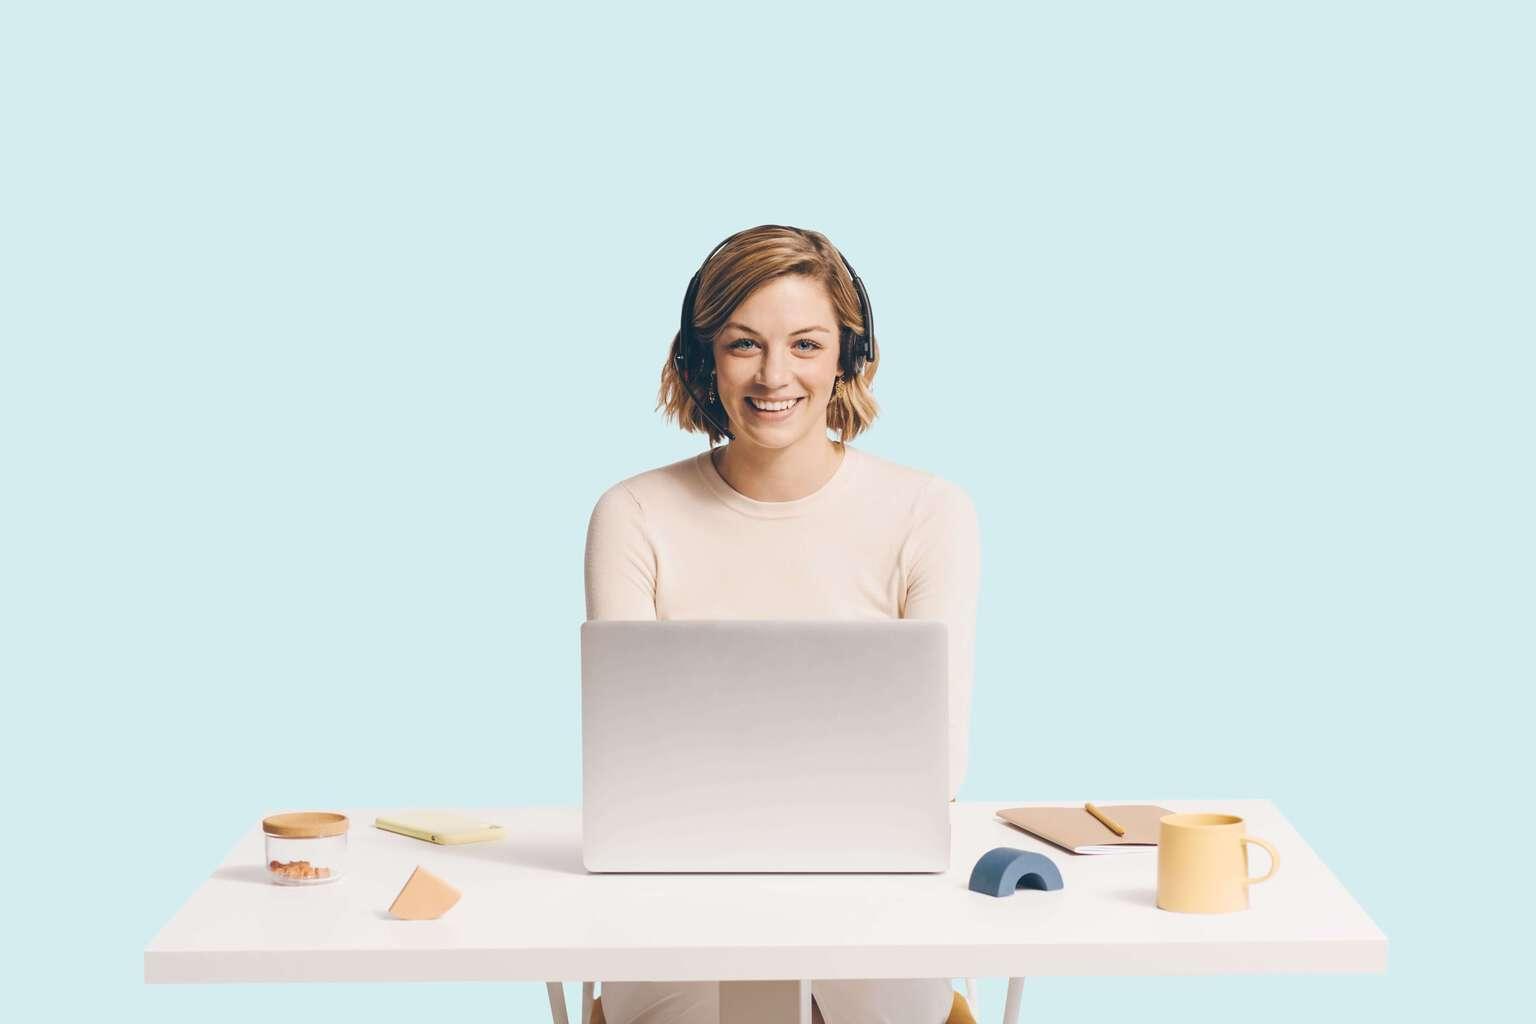 Agent d'assistance portant un casque, assis derrière un bureau avec un ordinateur portable et divers objets posés sur le bureau.